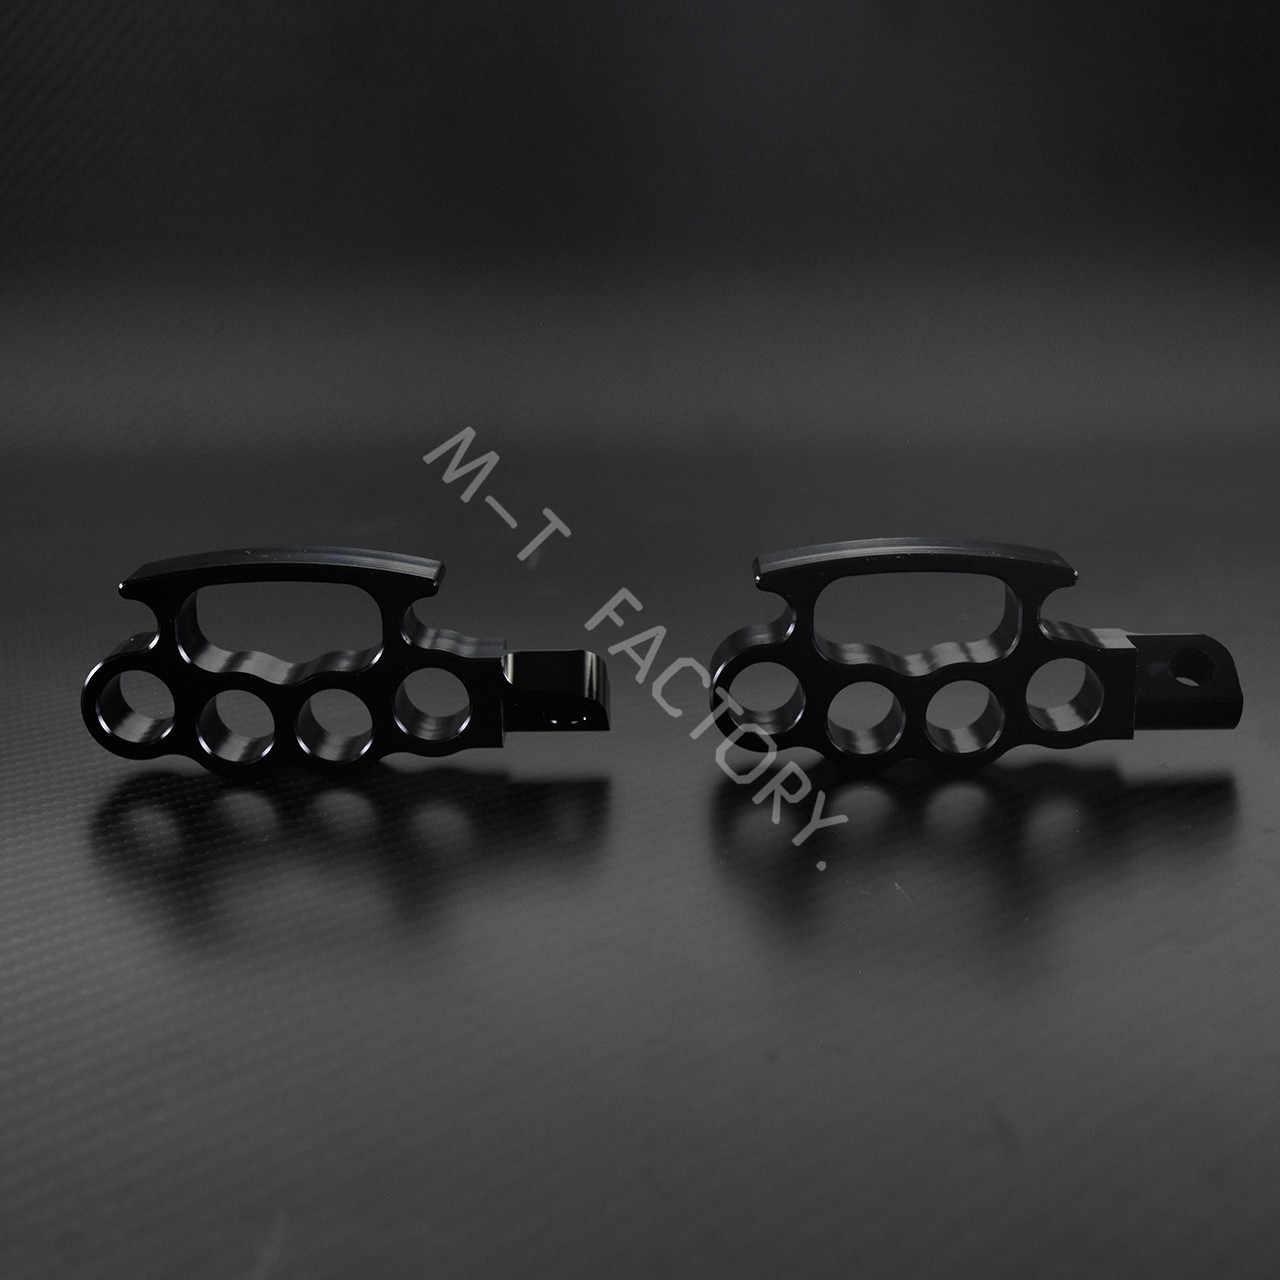 אופנוע מעופף Knuckle דומי בקרת שחור Footpegs Foot יתדות דוושת מנהג להארלי Sportster XL Dyna Softail V-rod